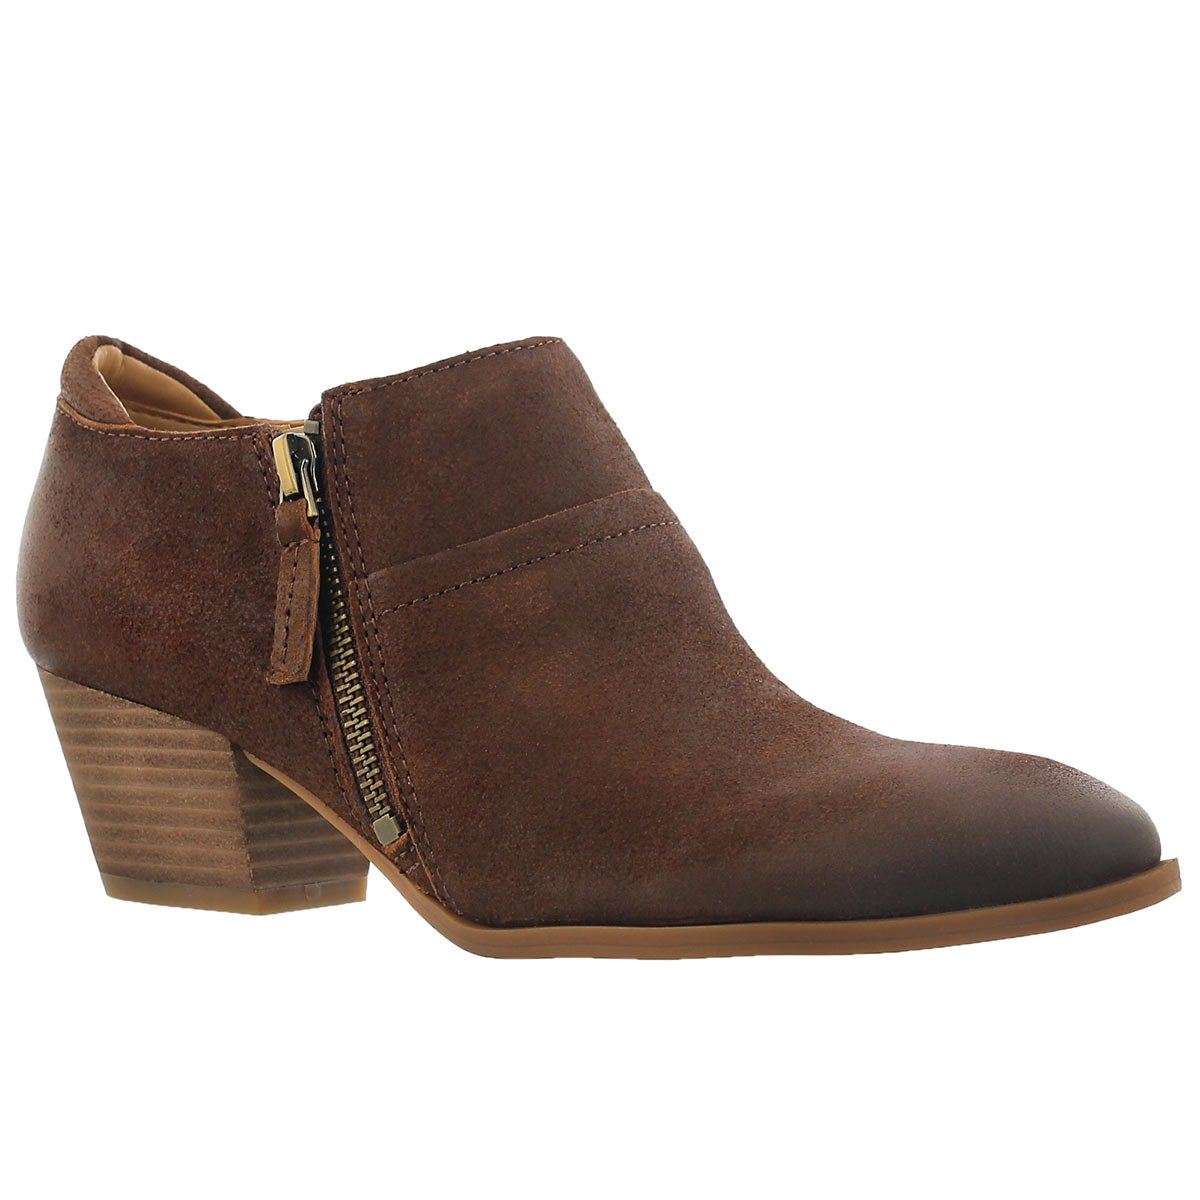 Women's GRECO tan zip up casual heels